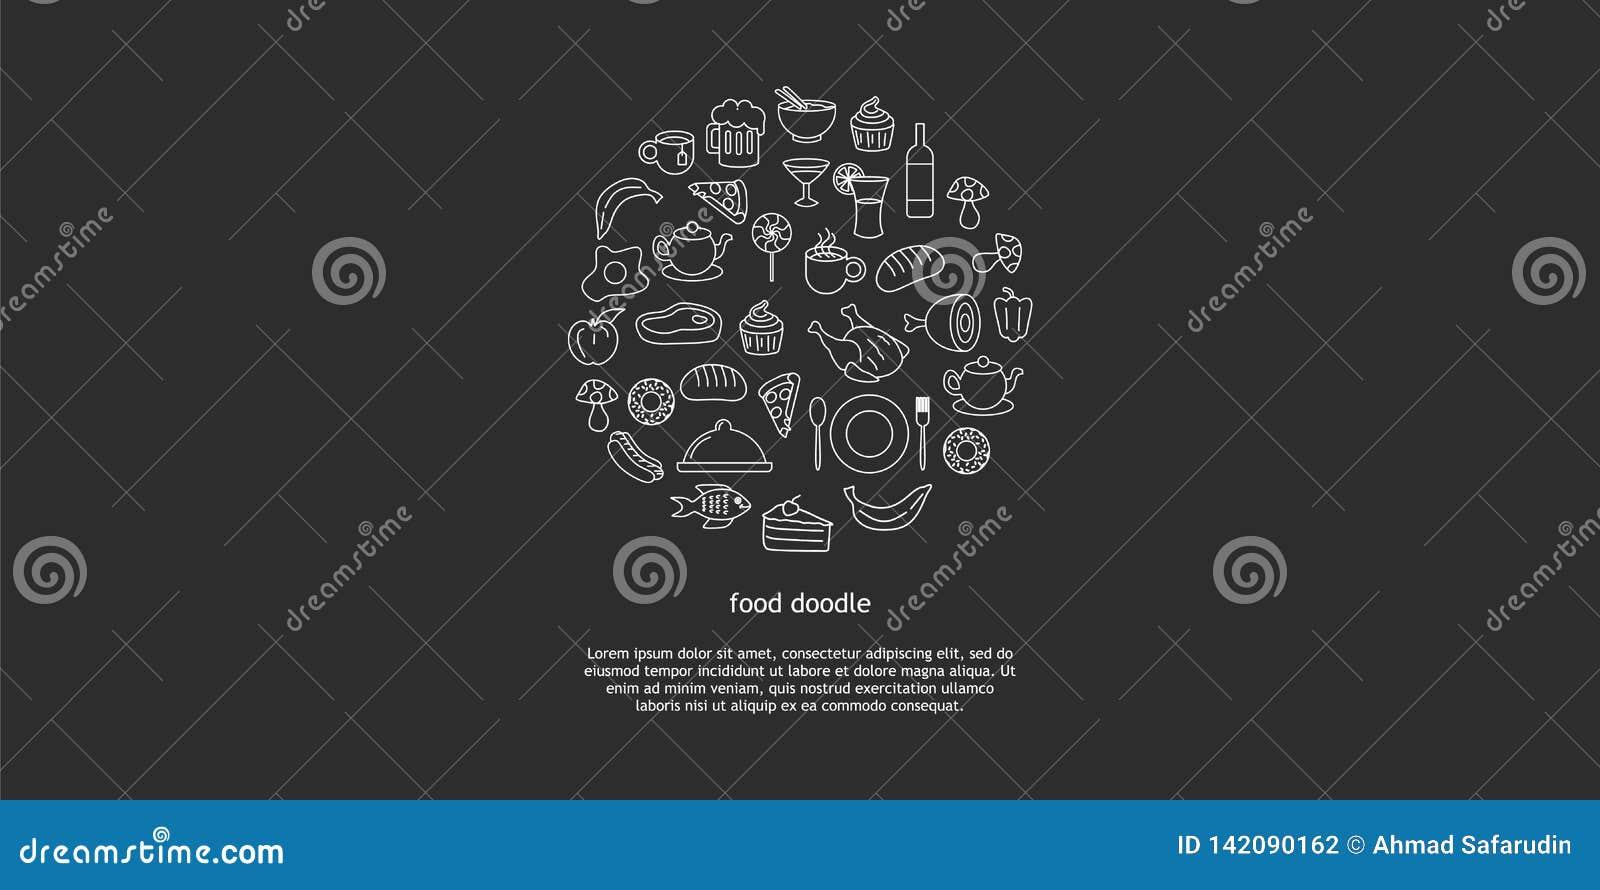 Линия набор руки вектора искусства вычерченный объектов, символов и деталей doodle мультфильма высококалорийной вредной пищи Круг